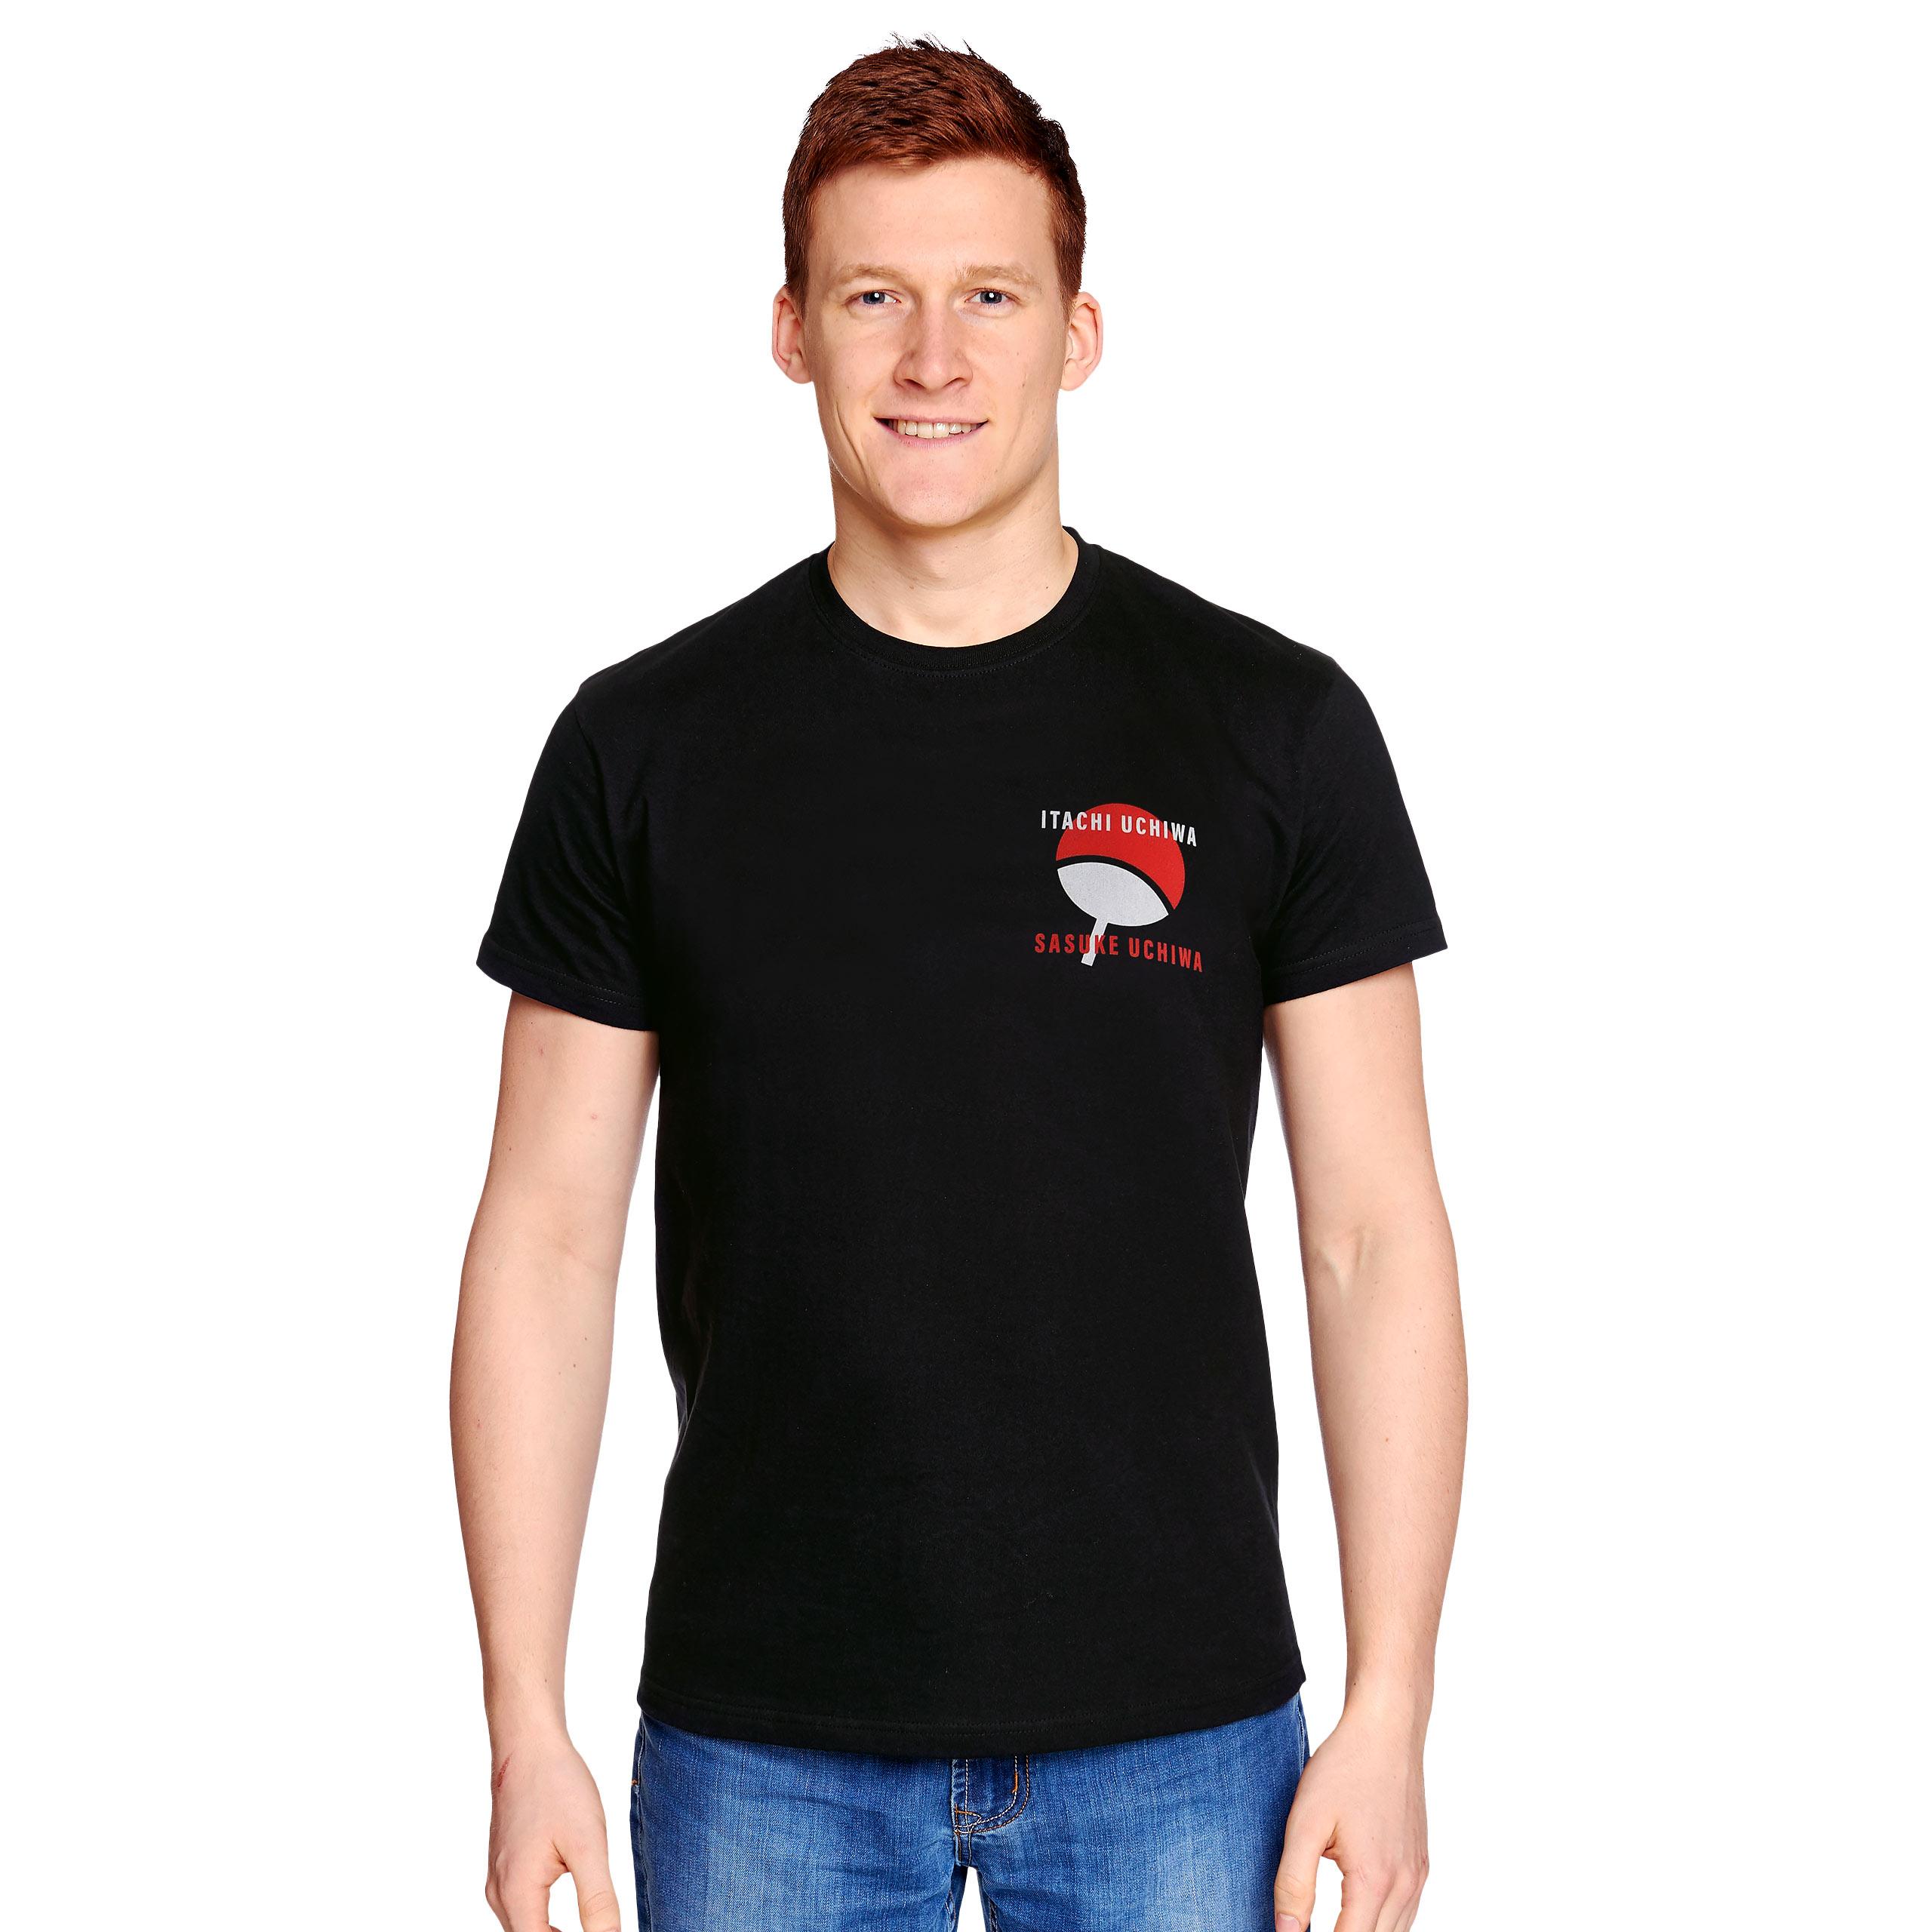 Naruto - Sasuke und Itachi T-Shirt schwarz